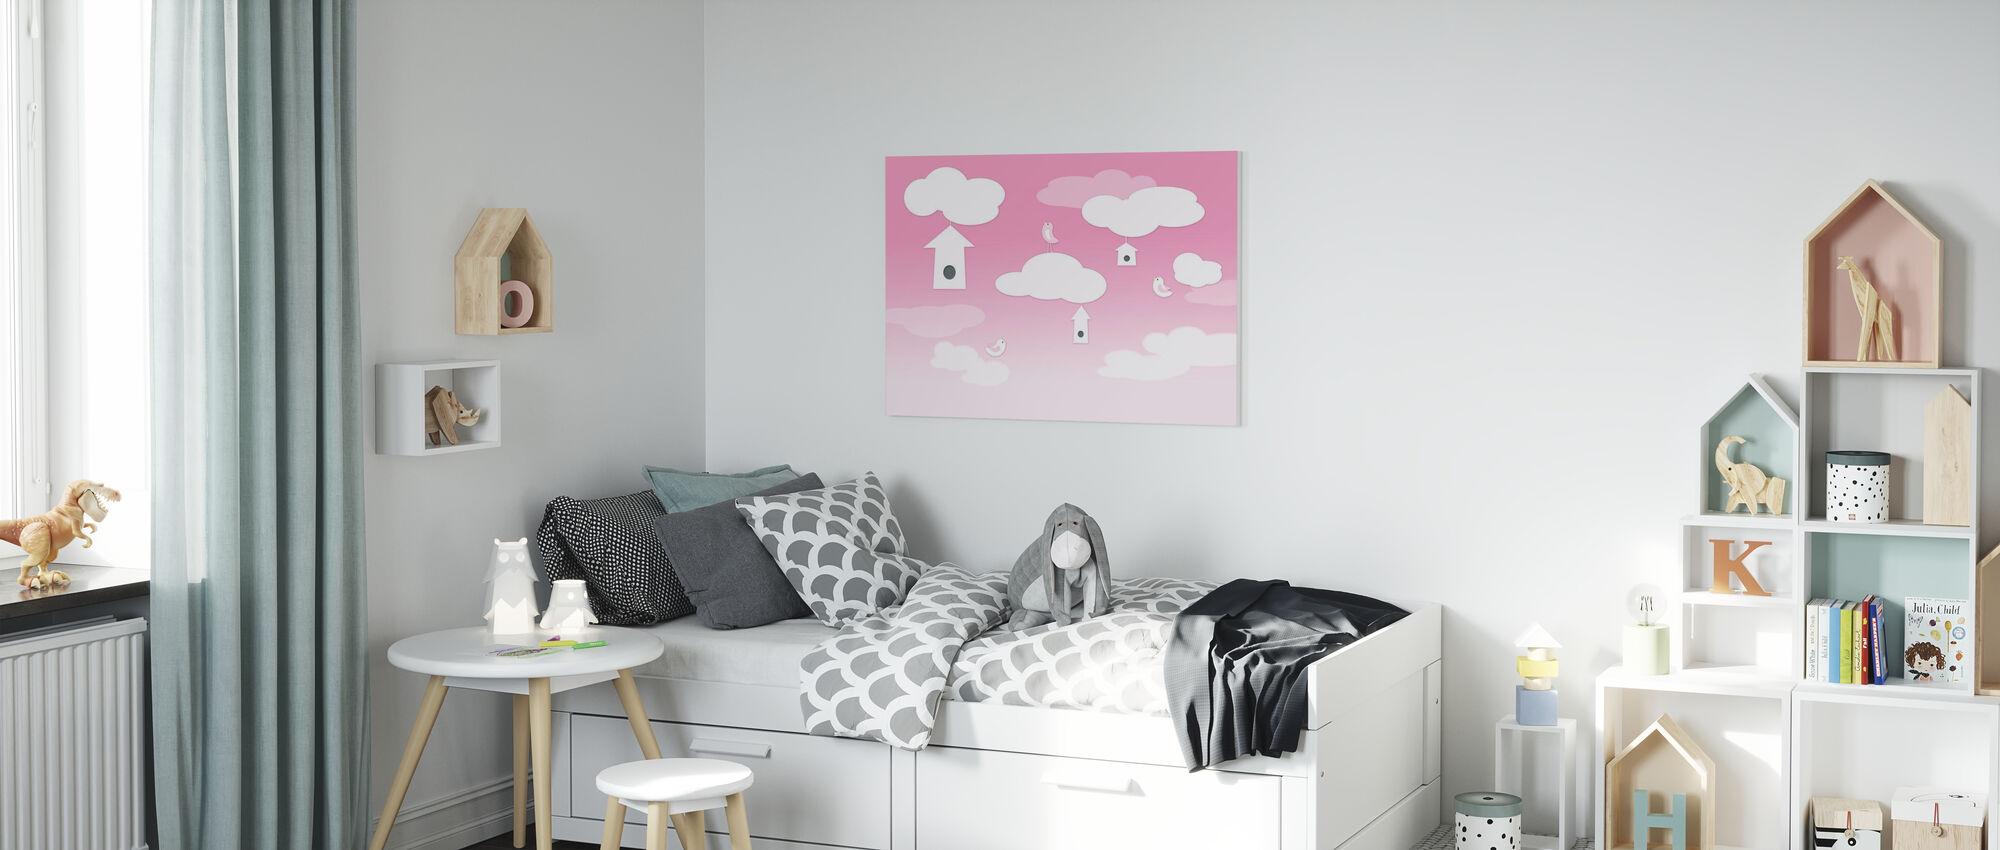 Oiseaux haut - Rose - Impression sur toile - Chambre des enfants